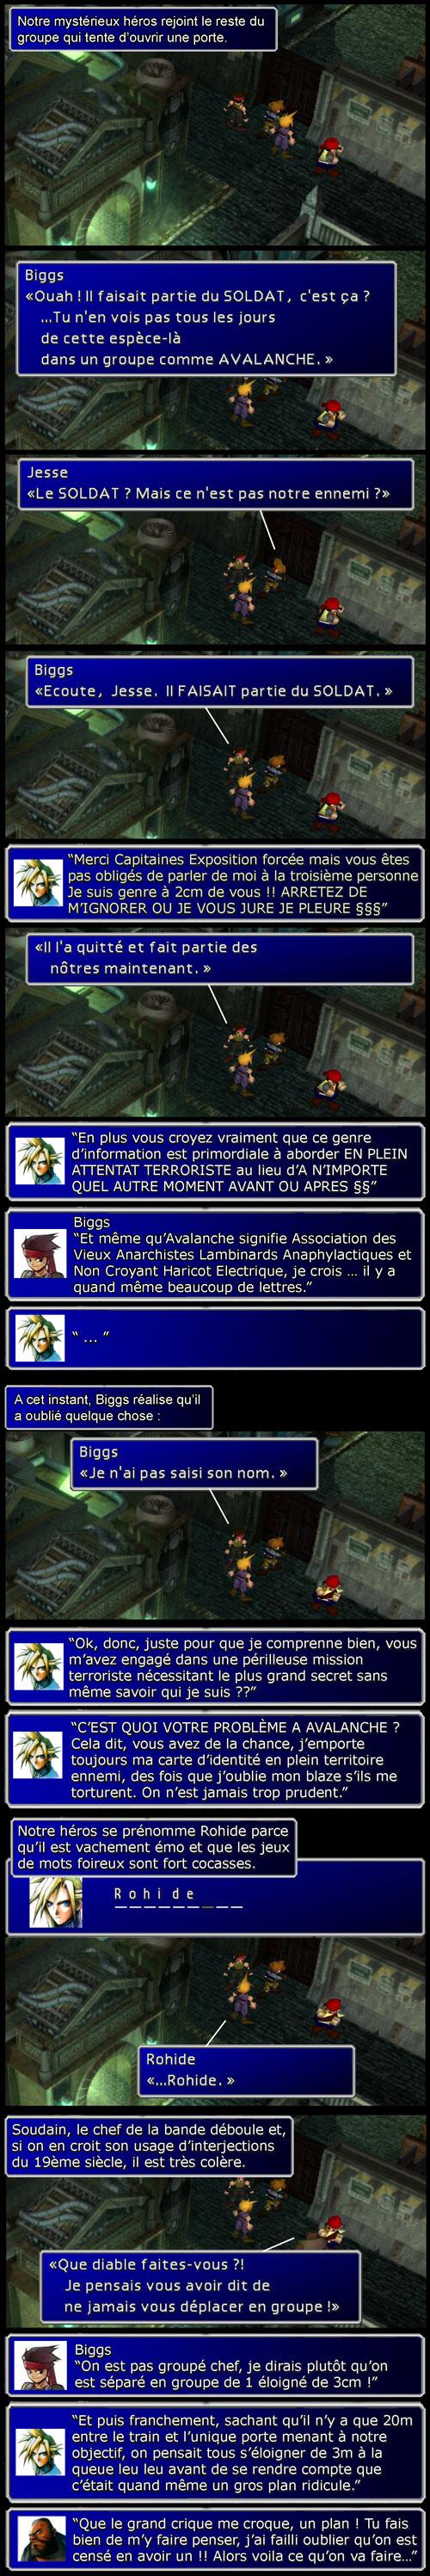 Final Fantasy 7 : Cloud, aka Rohide, rejoint Jess et Biggs qui tentent d'ouvrir la porte menant au réacteur 1